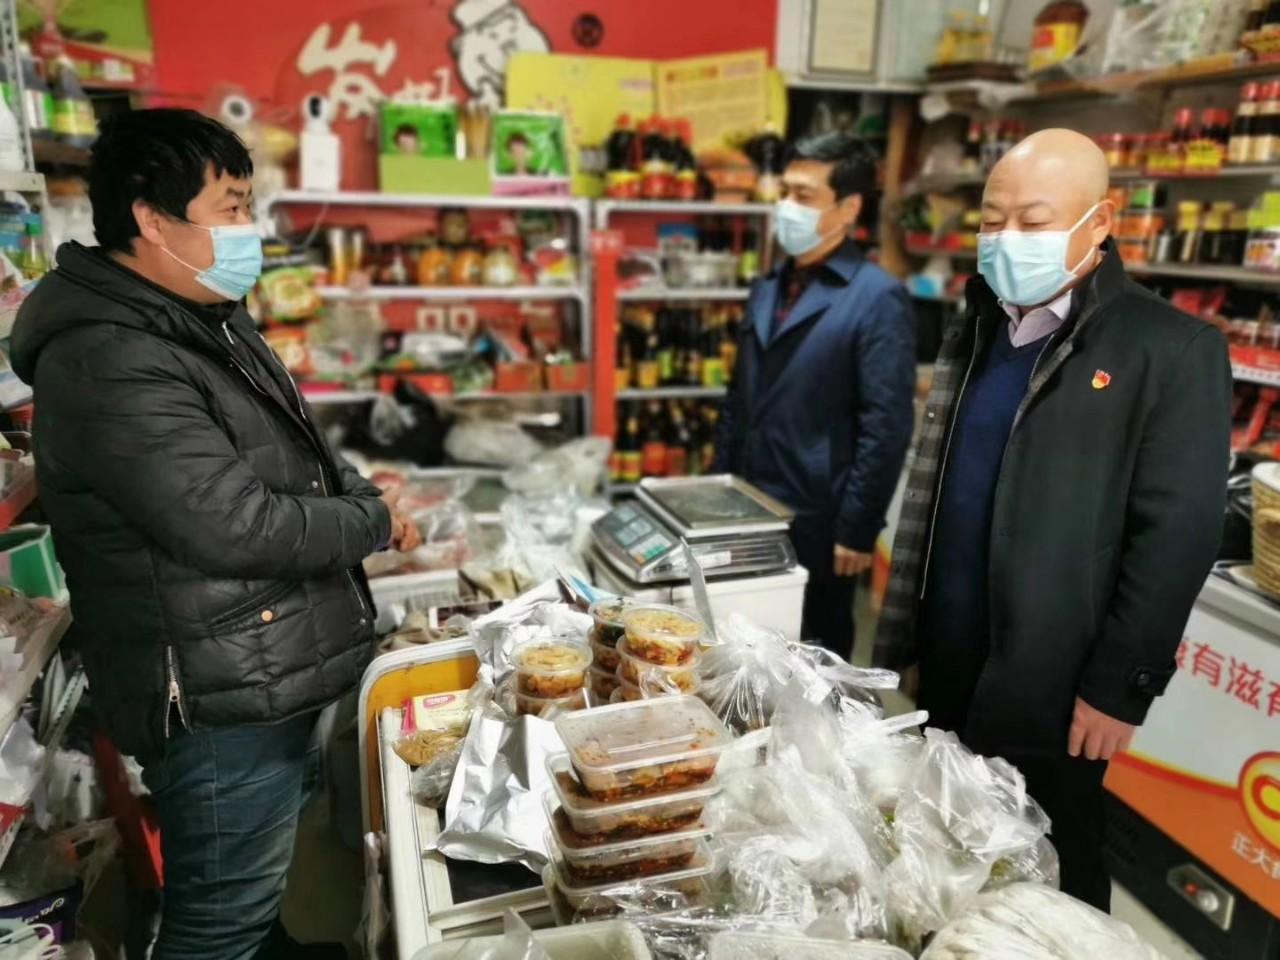 3月17日上午,世纪花园社区党委书记、居委会主任邵涛带领社区骨干和物业公司负责人,对辖区170个商家逐一走访慰问,了解商户们的意见和需求。